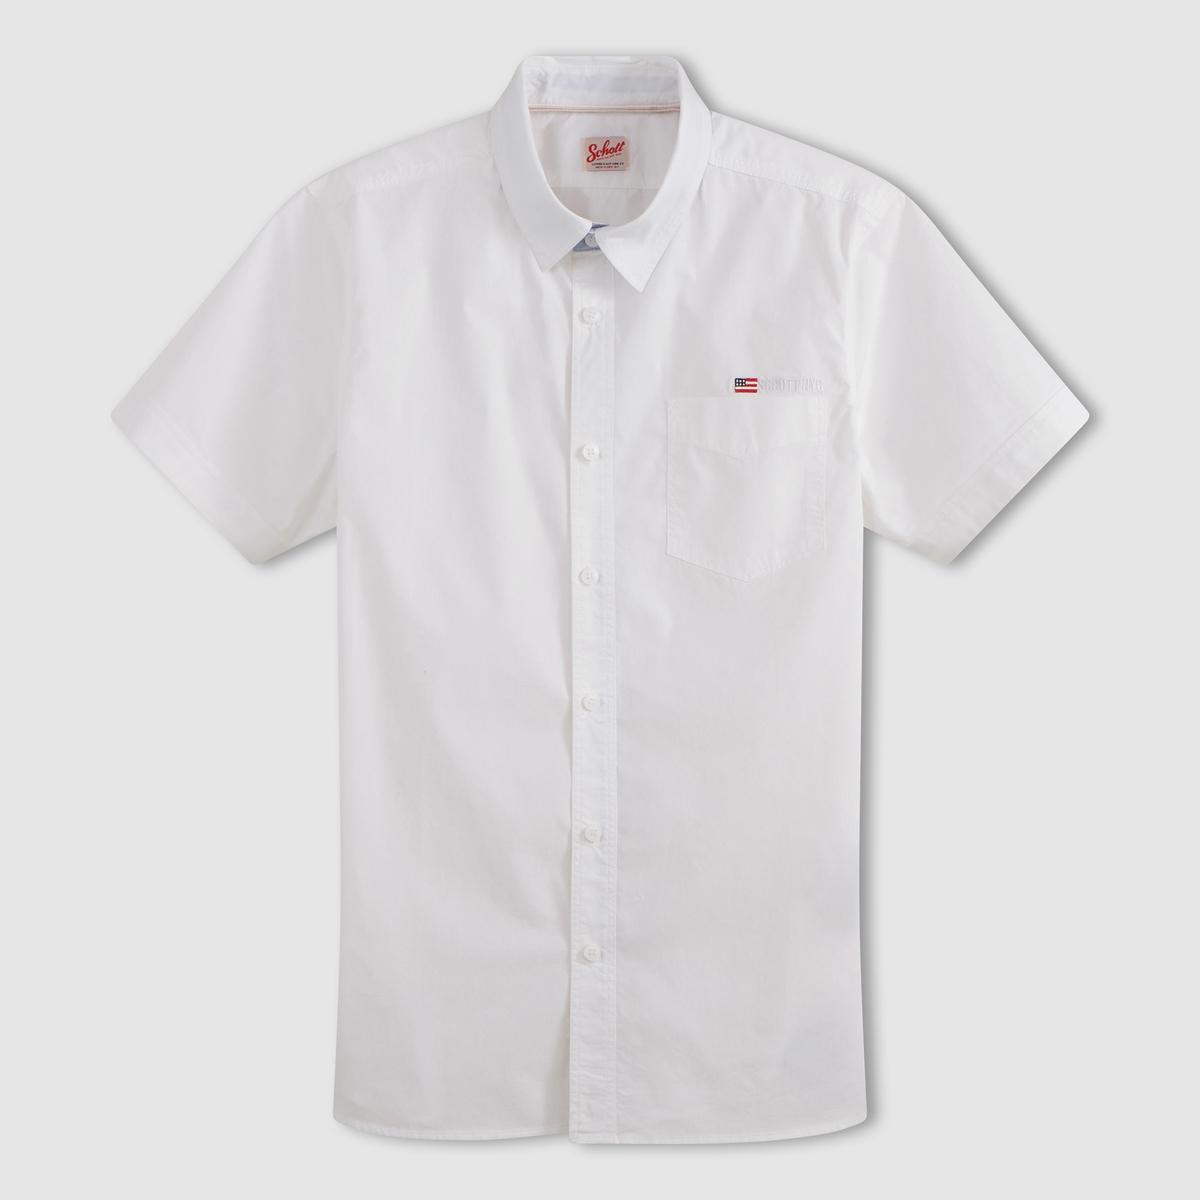 Рубашка с короткими рукавами STAMFORDРубашка с короткими рукавами STAMFORD - SCHOTT. Прямой покрой, классический воротник, застежка на пуговицы.  1 нагрудный карман. Низ рукавов с застежкой на пуговицы. Логотип нашит на кармане.Состав и описание :Материал : 100% хлопкаМарка : SCHOTT<br><br>Цвет: белый<br>Размер: L